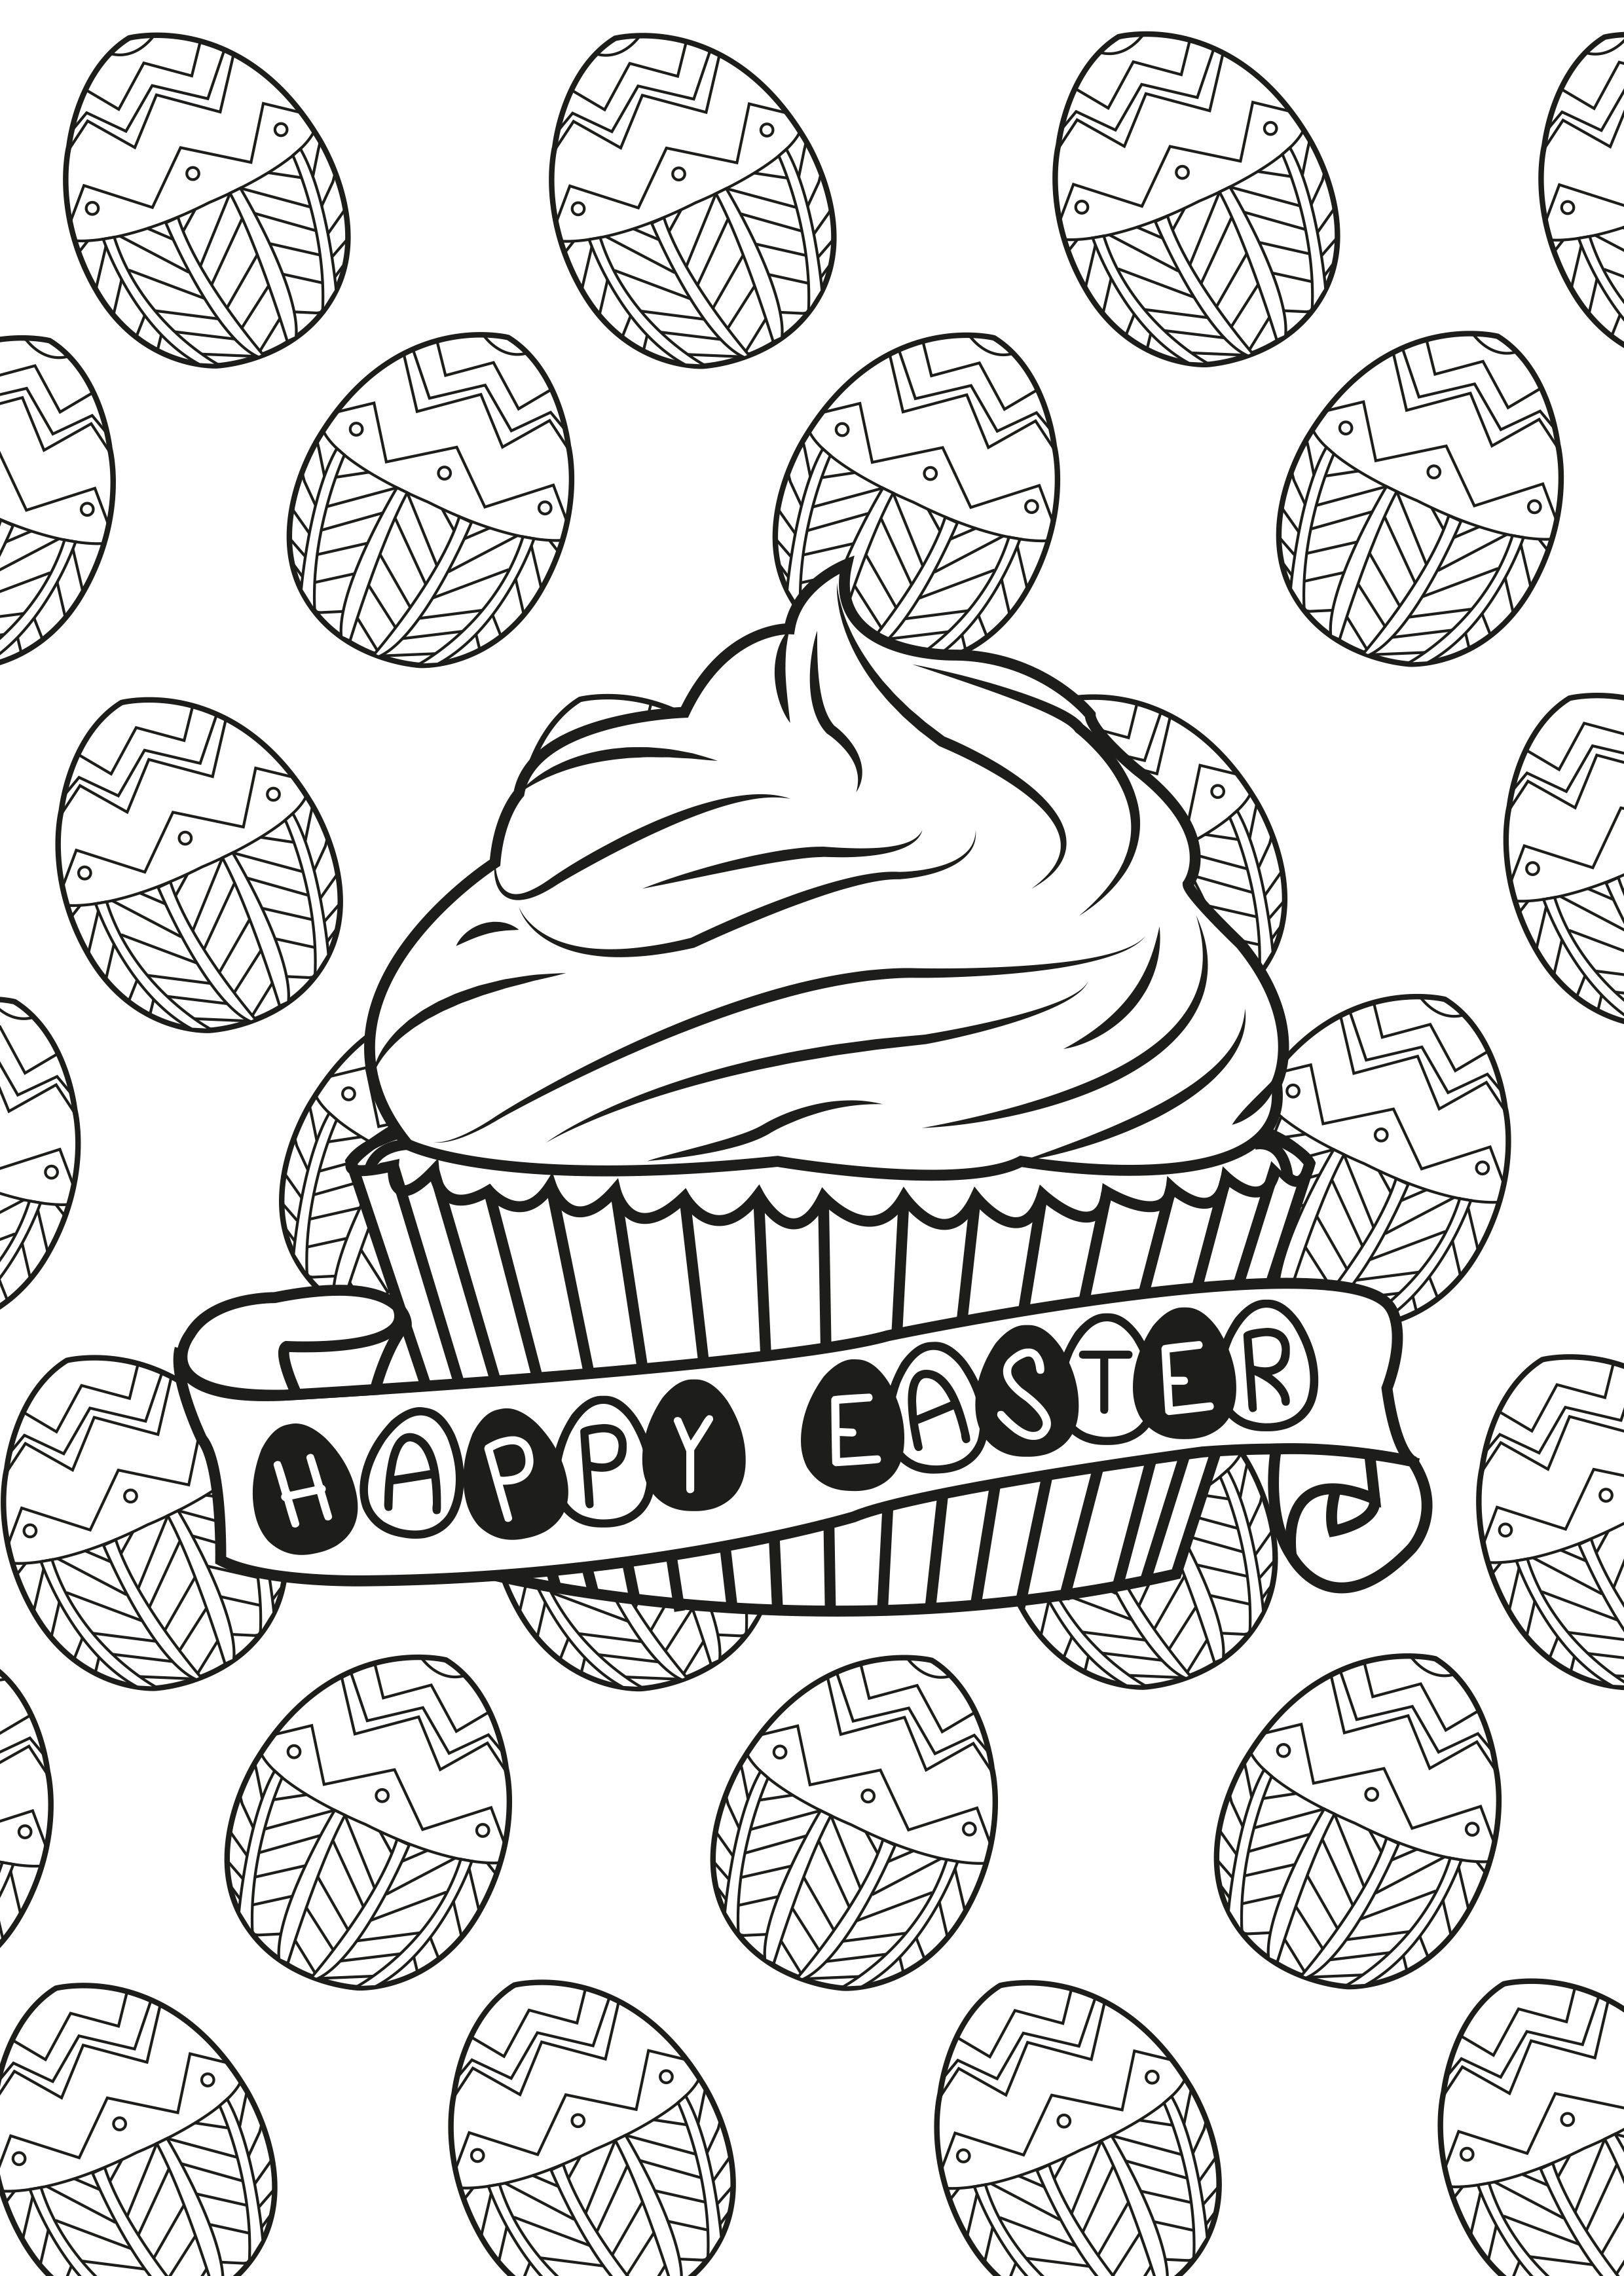 Disegni da colorare per adulti : Cup Cakes - 27